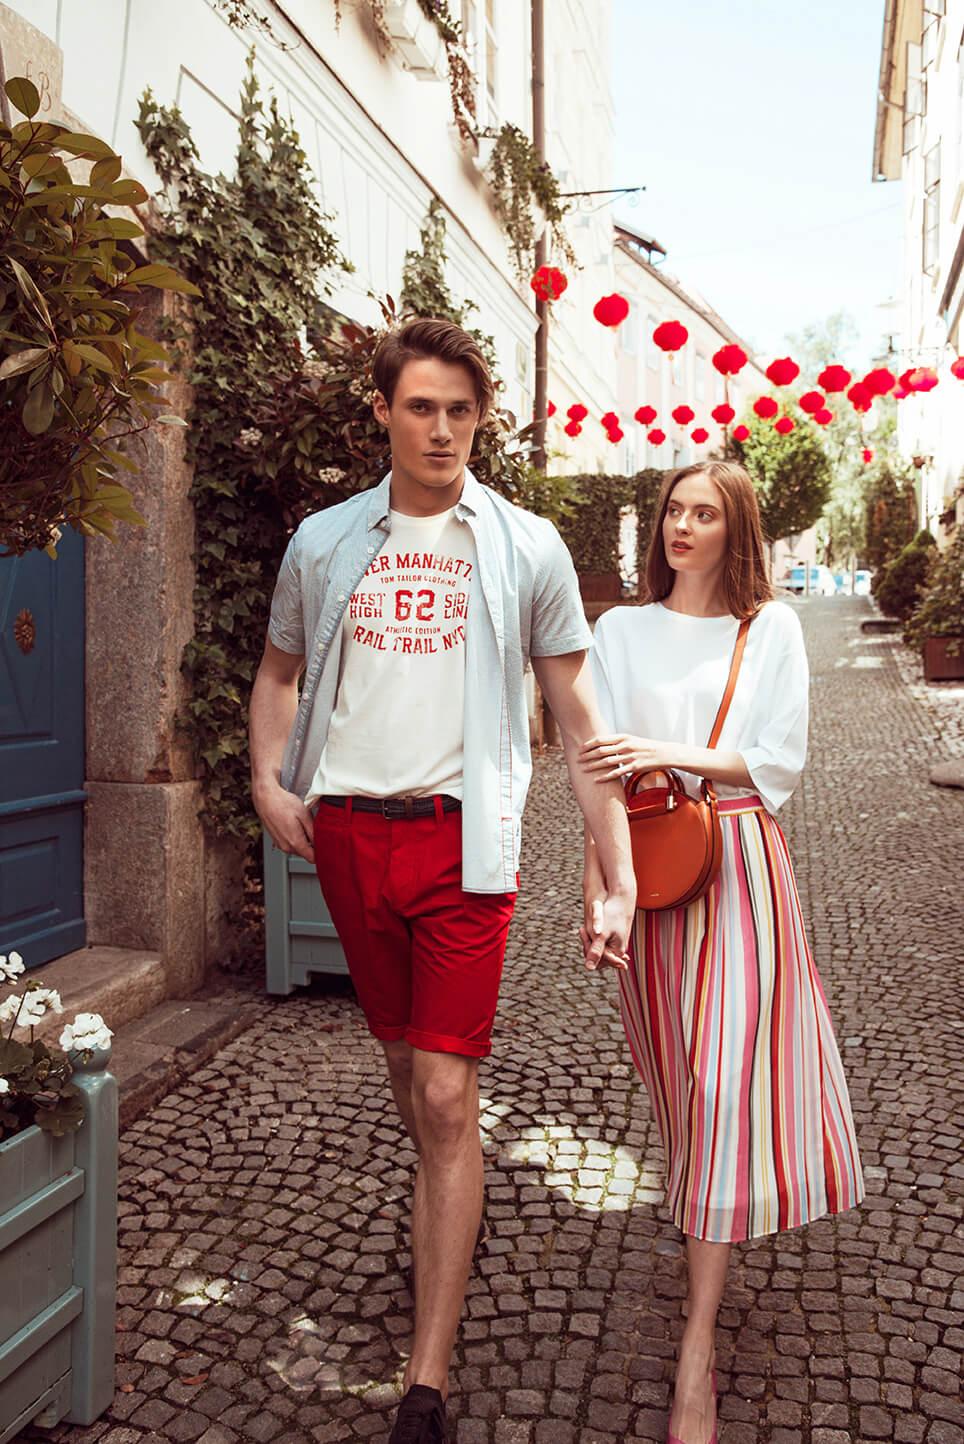 Moški: Majica Tom Tailor  9.09 EUR, Kratke hlače Tom Tailor 23,99 EUR, Srajca Tom Tailor 20,99 EUR ; Ženska: Krilo Tom Tailor 35,99 EUR, Majica Tom Tailor 18 EUR, Torbica Parfois 24,99 EUR